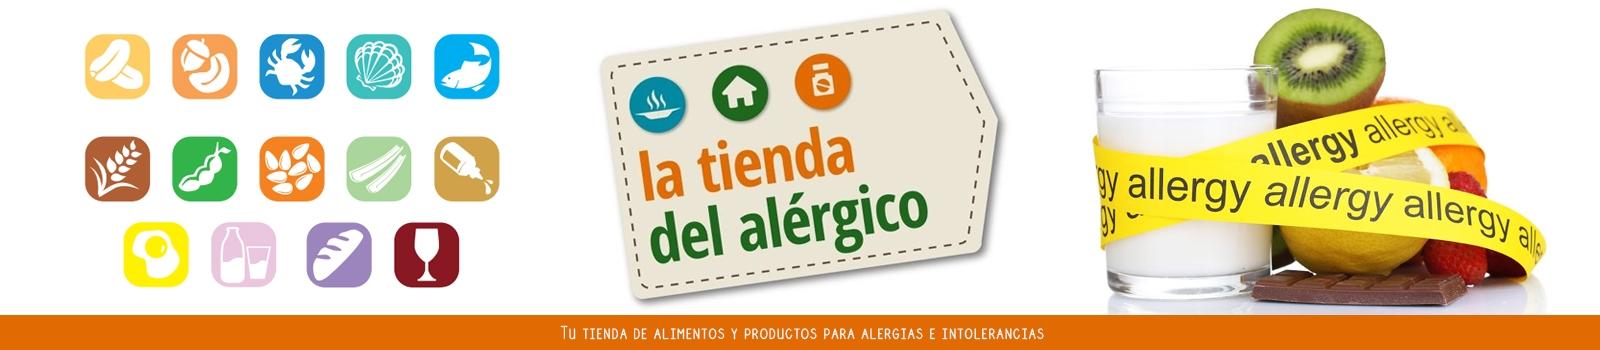 ALIMENTACION PARA ALERGICOS EN VALLADOLID,tienda del alergico,magnesio